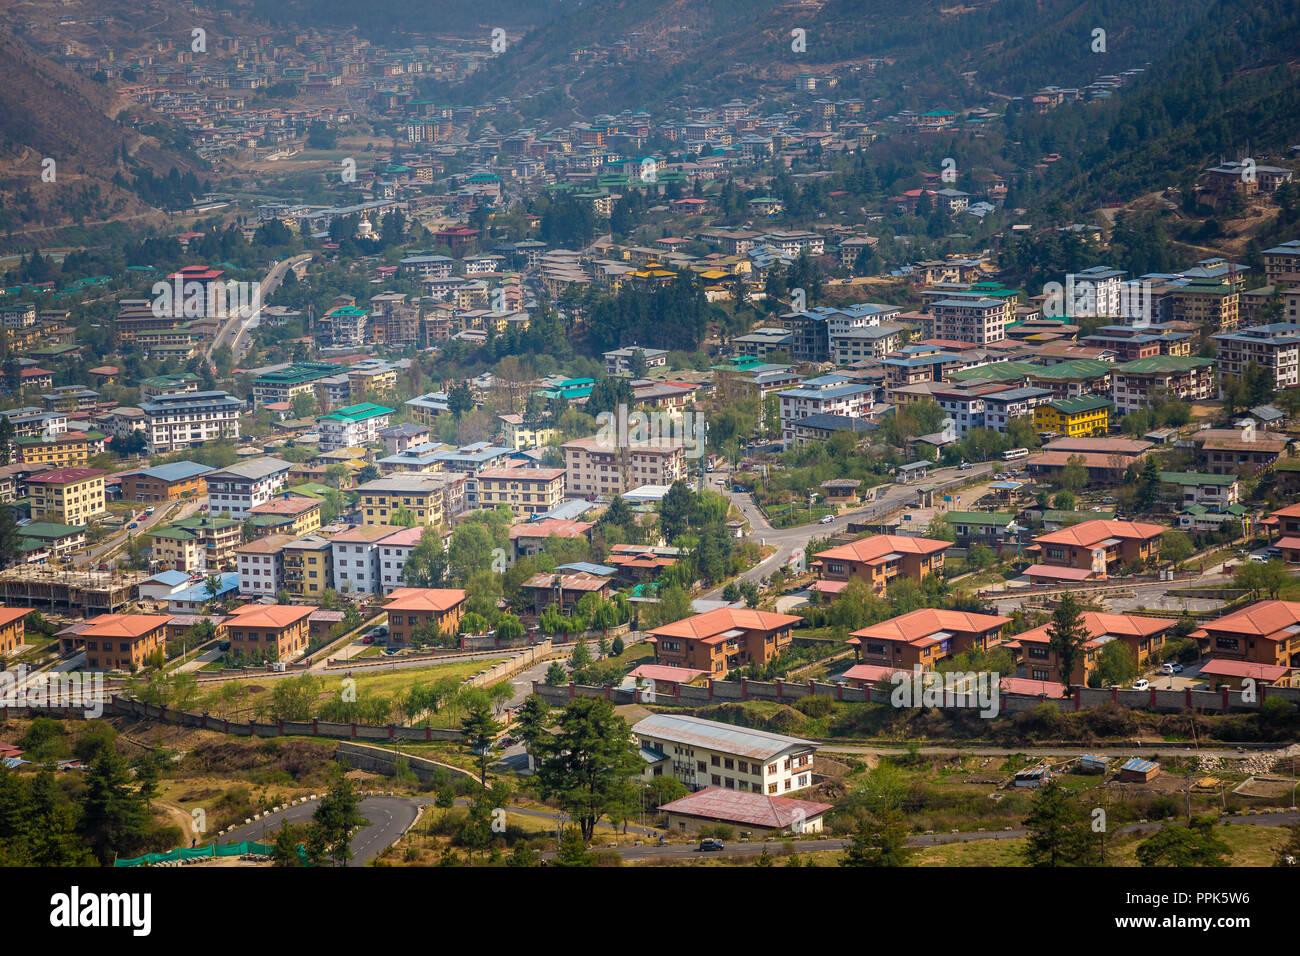 Eine Luftaufnahme Von Thimpu Die Hauptstadt Der Himalaja Konigreich Bhutan Stockfotografie Alamy